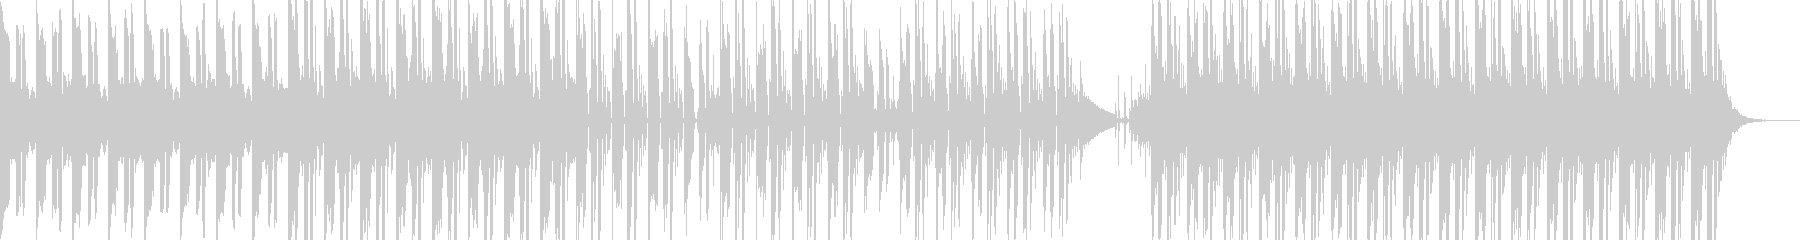 哀愁感のある音とビートが特徴的なポップスの未再生の波形